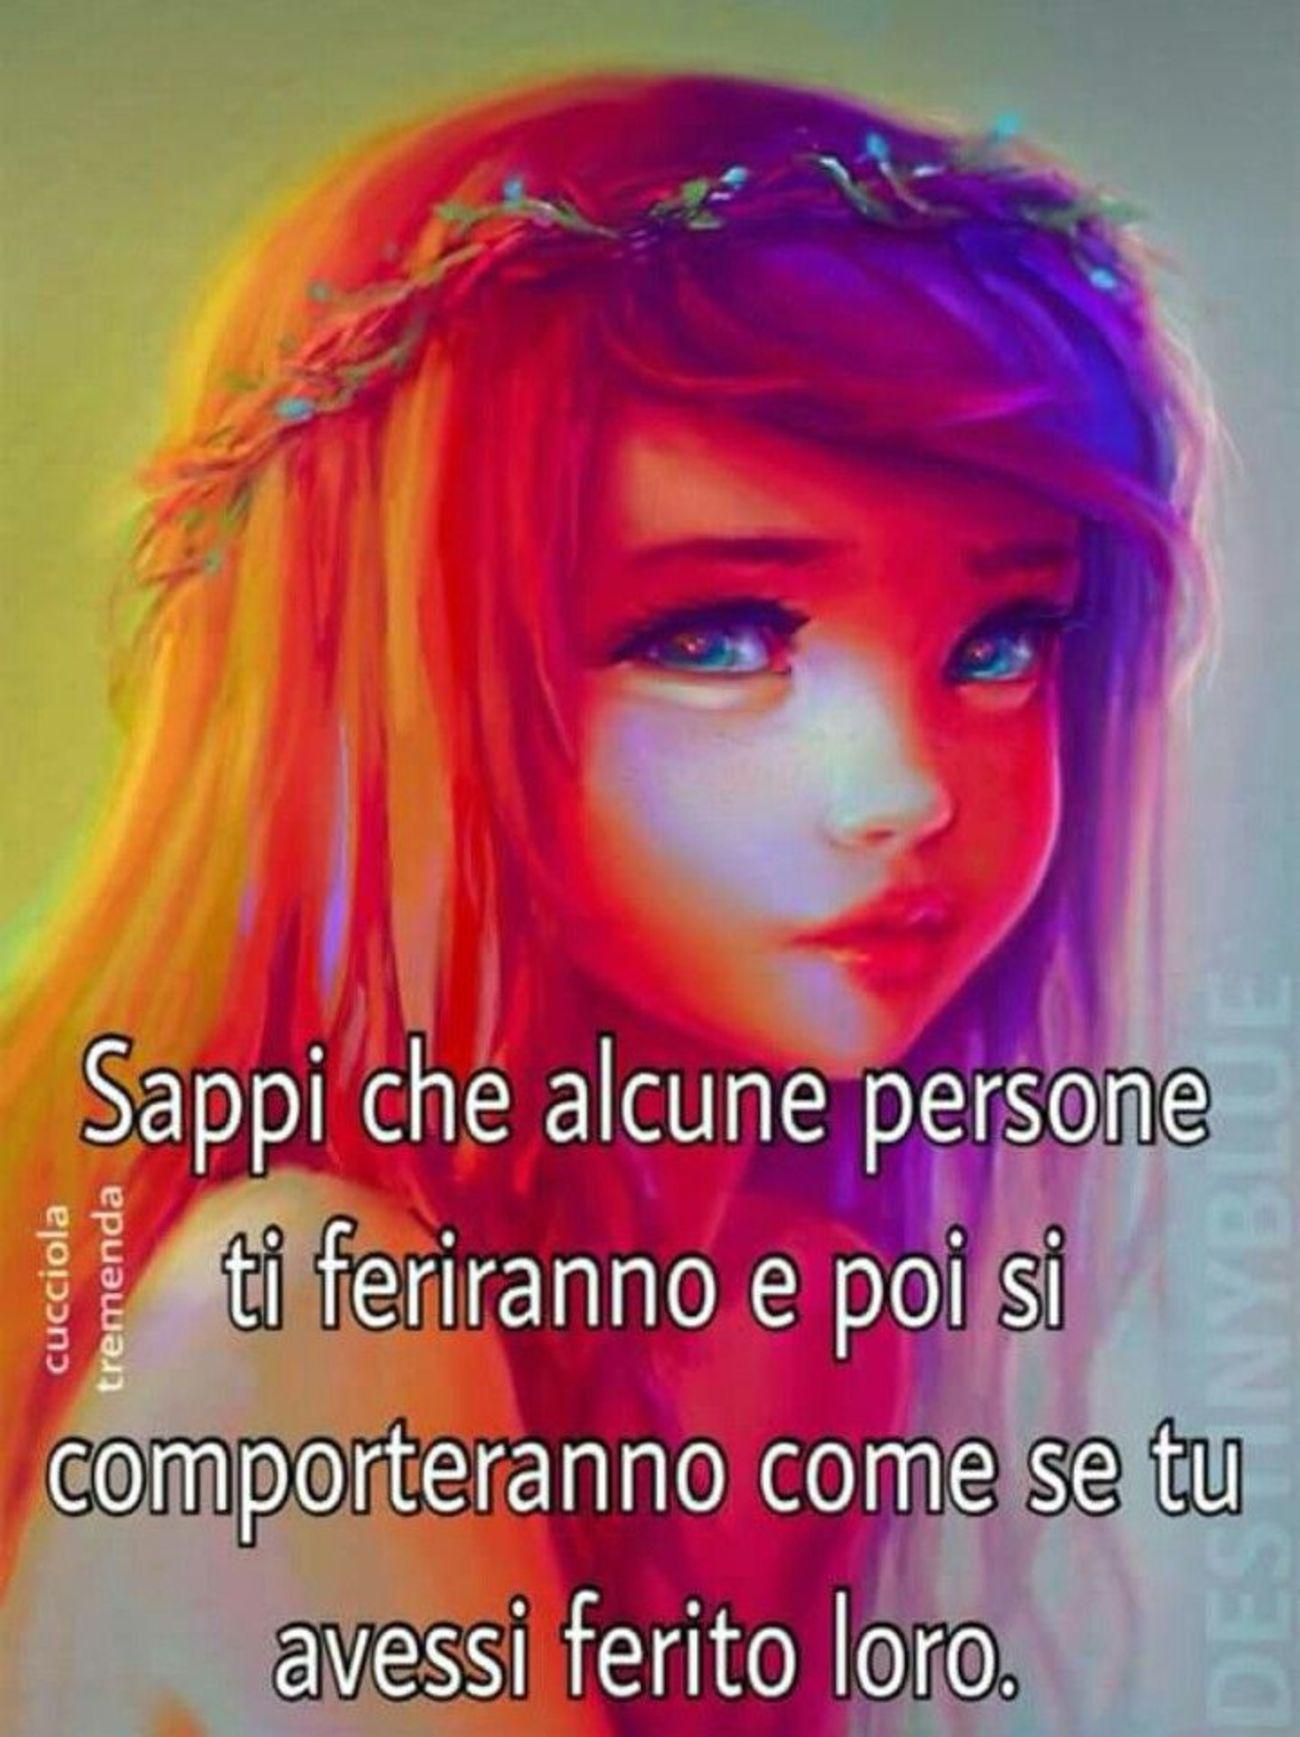 Frasi Sulle Persone Che Ci Feriscono Immaginiwhatsapp It